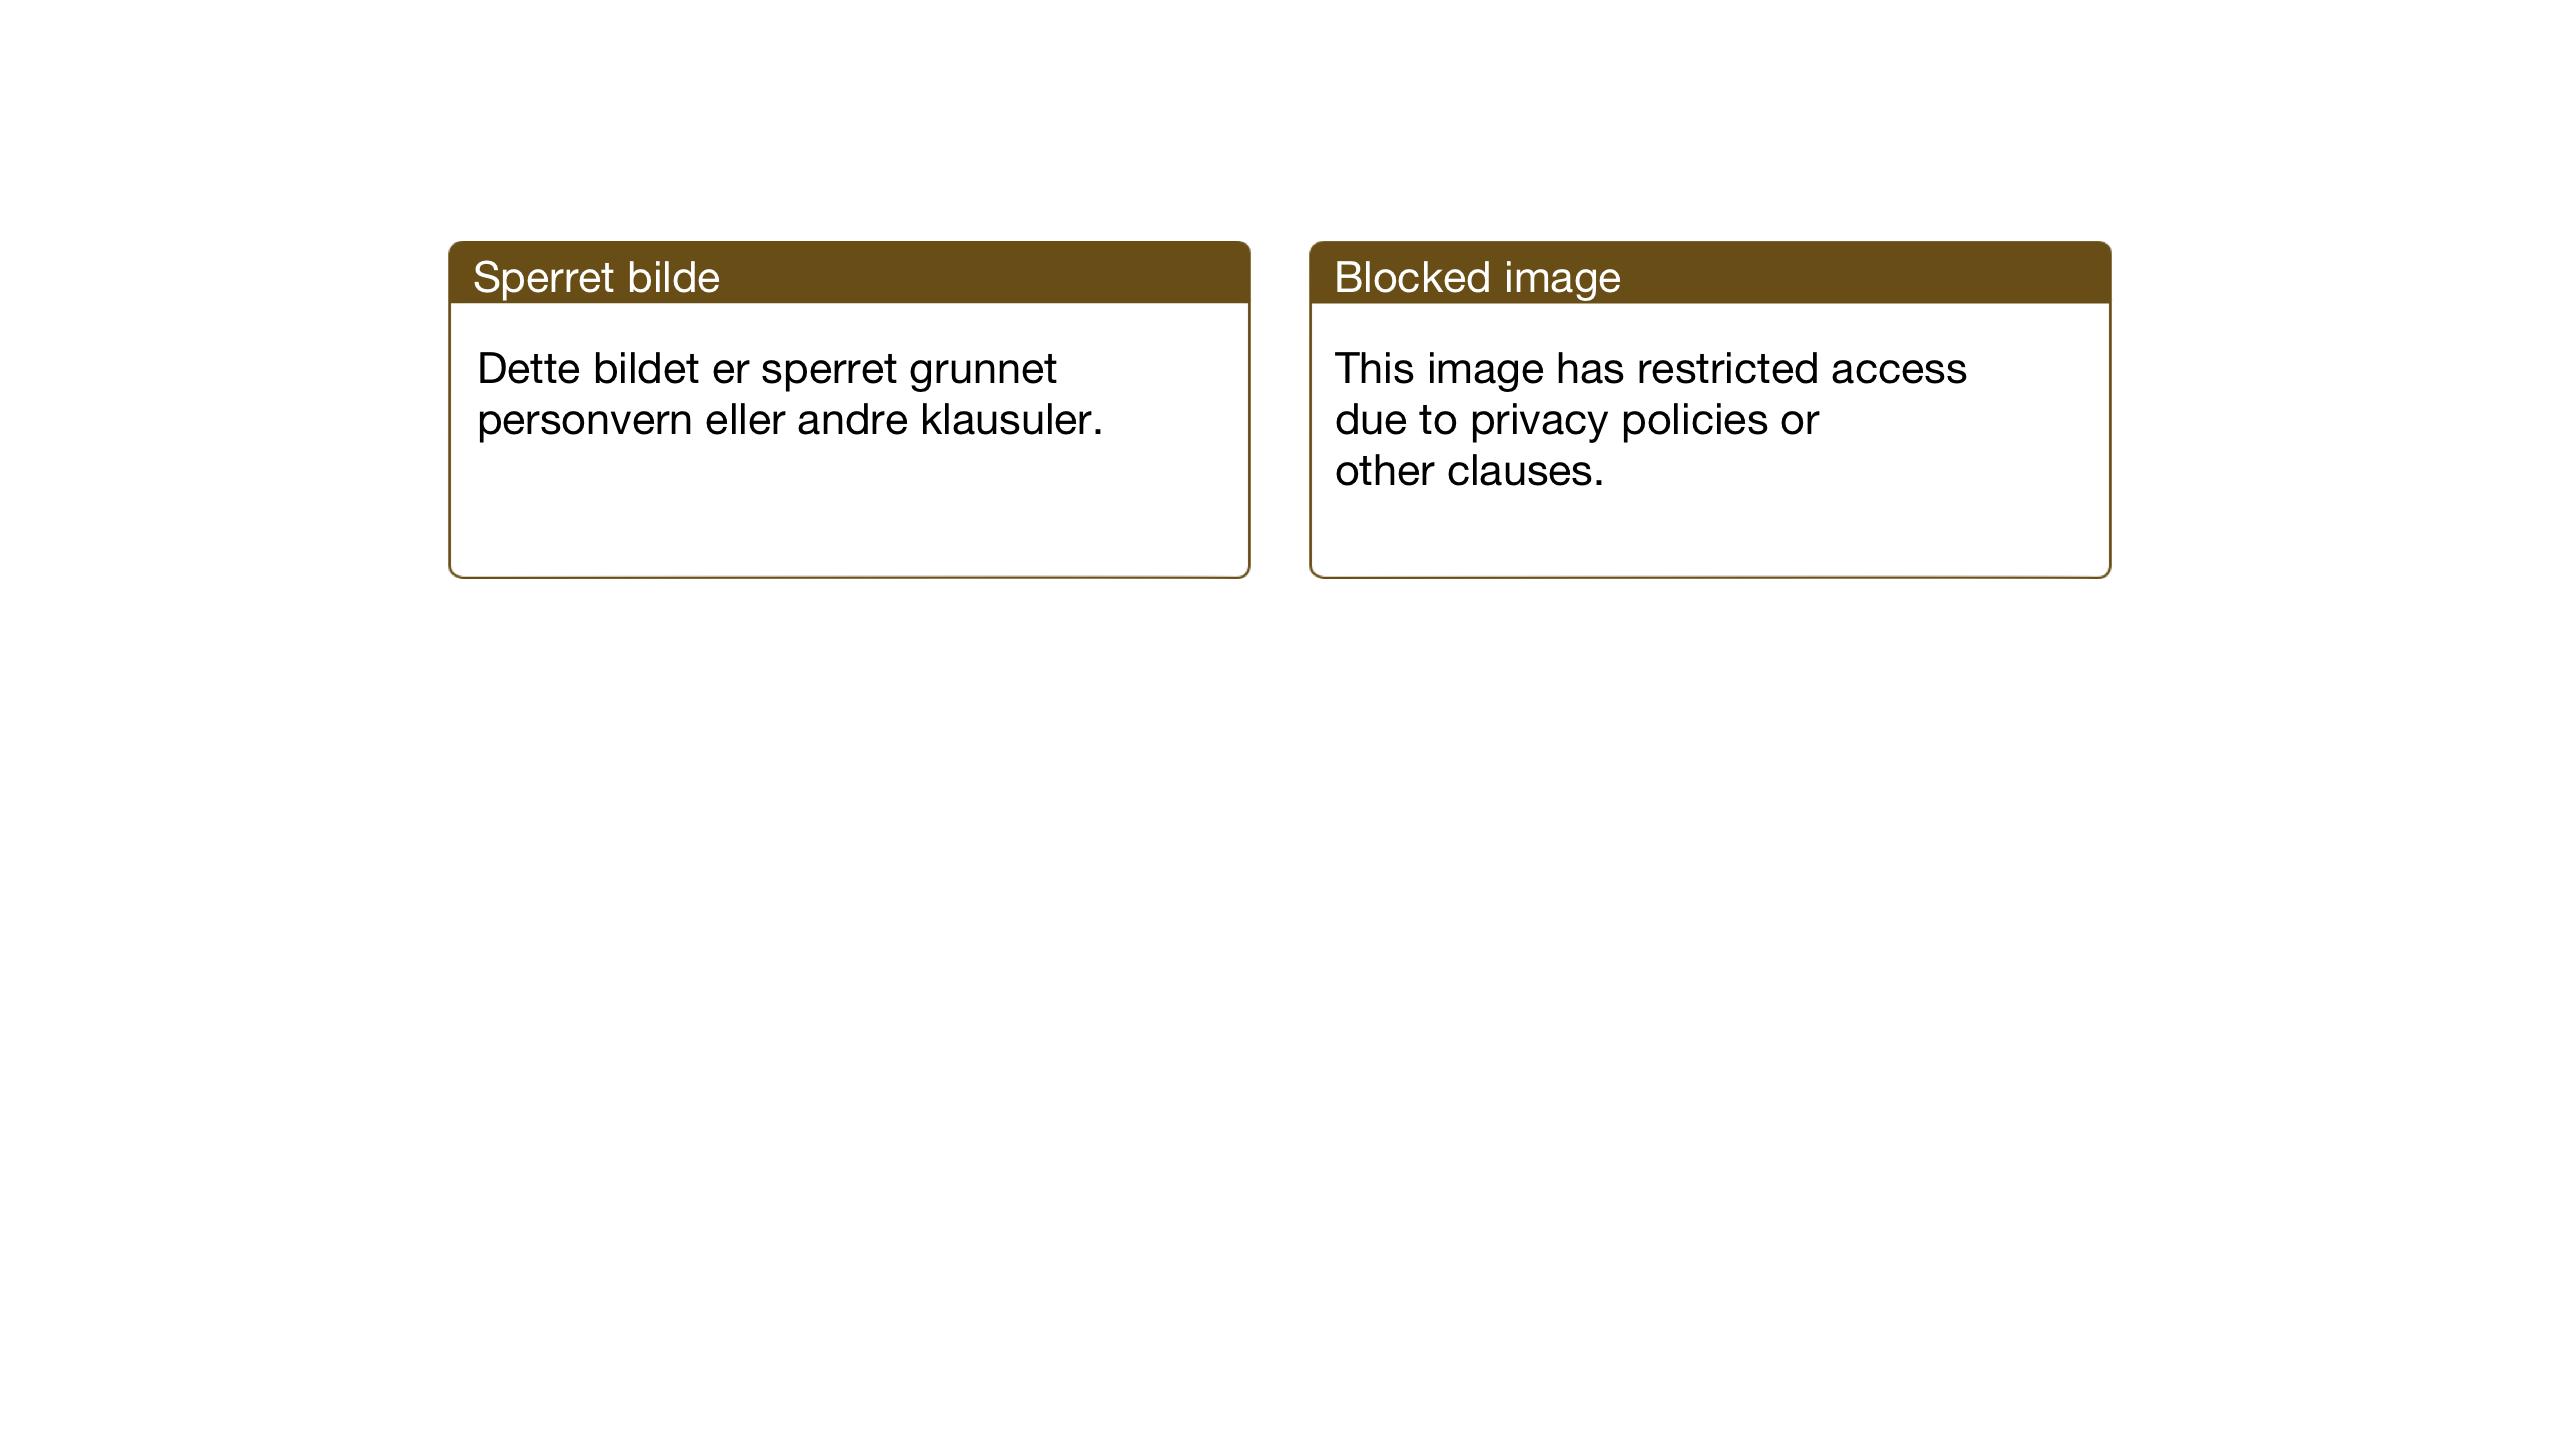 SAT, Ministerialprotokoller, klokkerbøker og fødselsregistre - Sør-Trøndelag, 694/L1134: Klokkerbok nr. 694C06, 1915-1937, s. 86